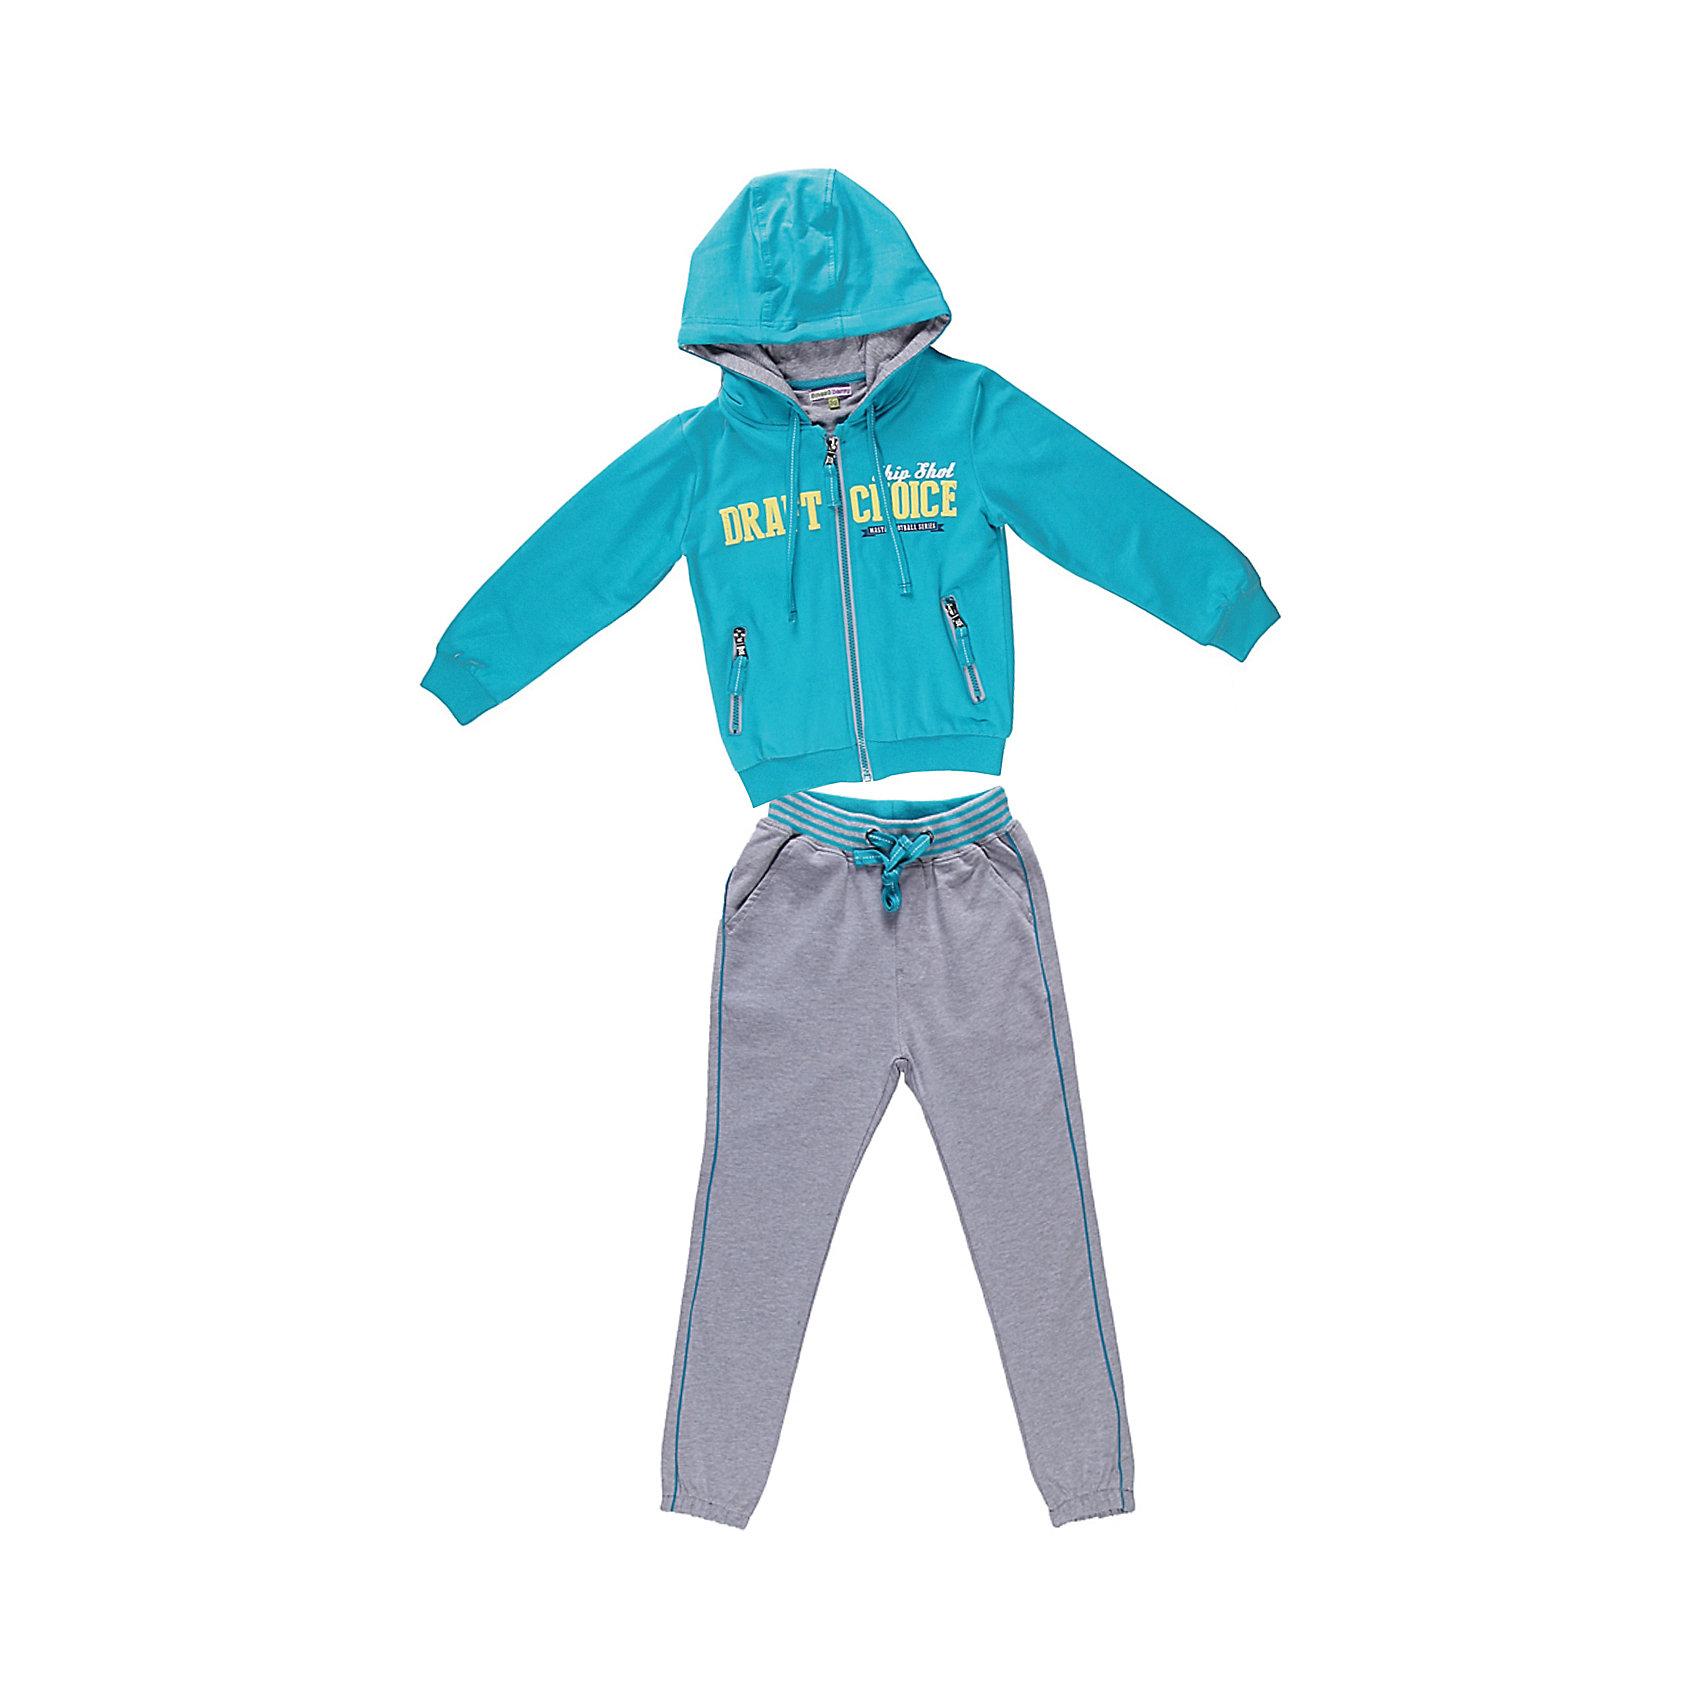 Спортивный костюм для мальчика Sweet BerryЯркий спортивный костюм для мальчика. Толстовка с капюшоном на яркой трикотажной подкладке. Украшена ярким принтом. Брюки на поясе с трикотажной резинкой, регулируется хлопковым шнурком.<br>Состав:<br>95% хлопок 5% эластан<br><br>Ширина мм: 247<br>Глубина мм: 16<br>Высота мм: 140<br>Вес г: 225<br>Цвет: серо-голубой<br>Возраст от месяцев: 24<br>Возраст до месяцев: 36<br>Пол: Мужской<br>Возраст: Детский<br>Размер: 98,104,122,116,128,110<br>SKU: 4522726